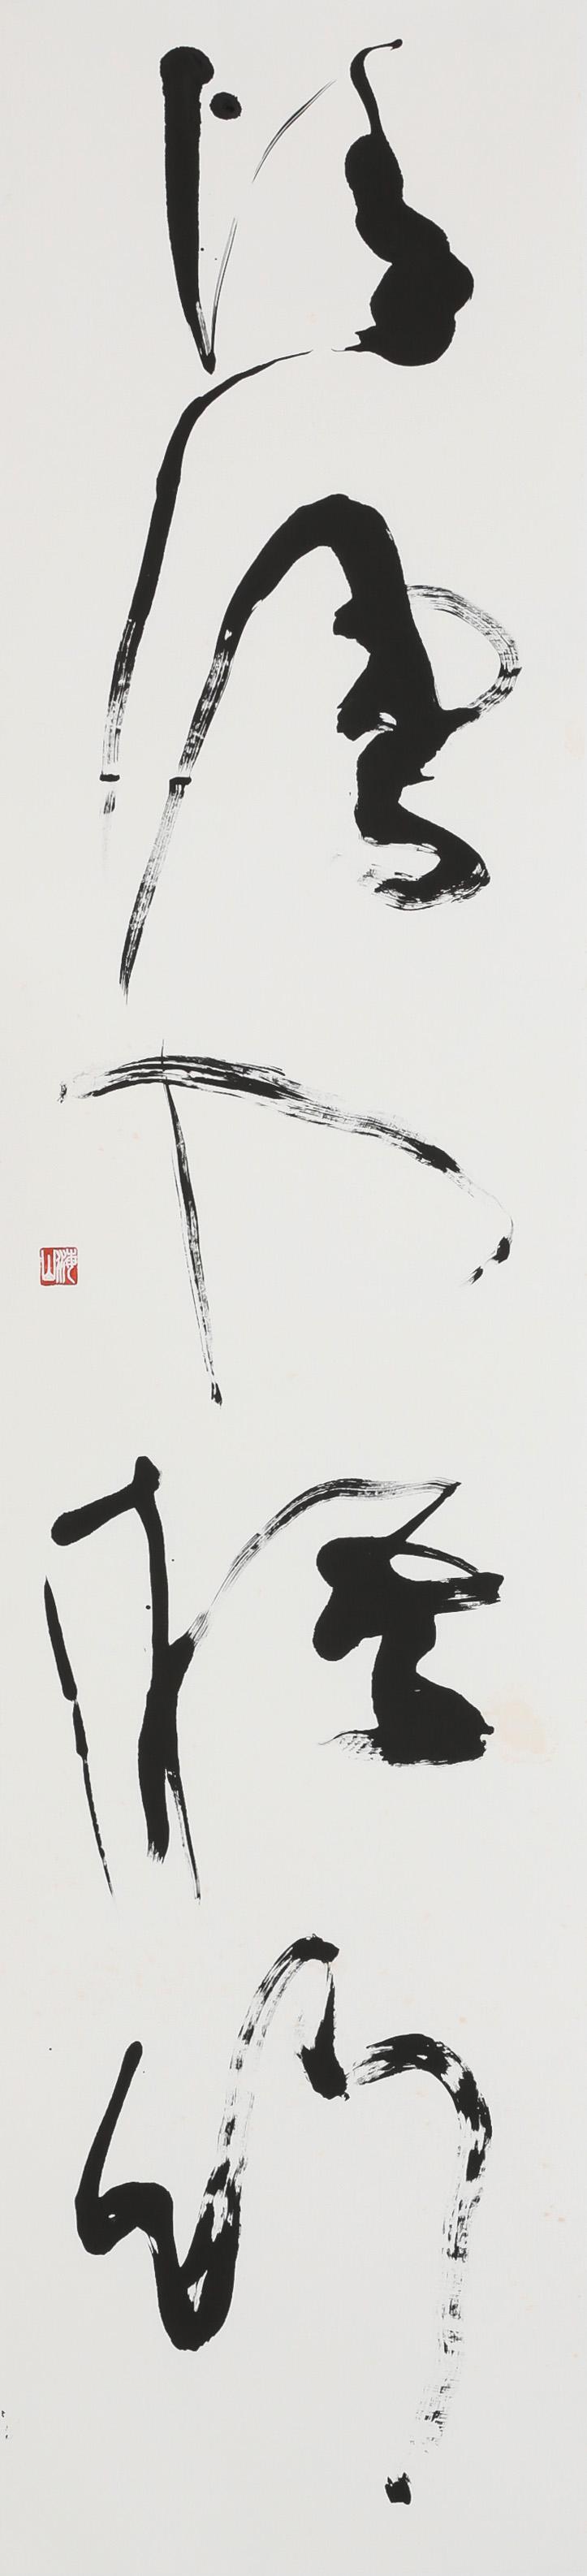 第34回産経国際書展出品作品清風入梧竹」